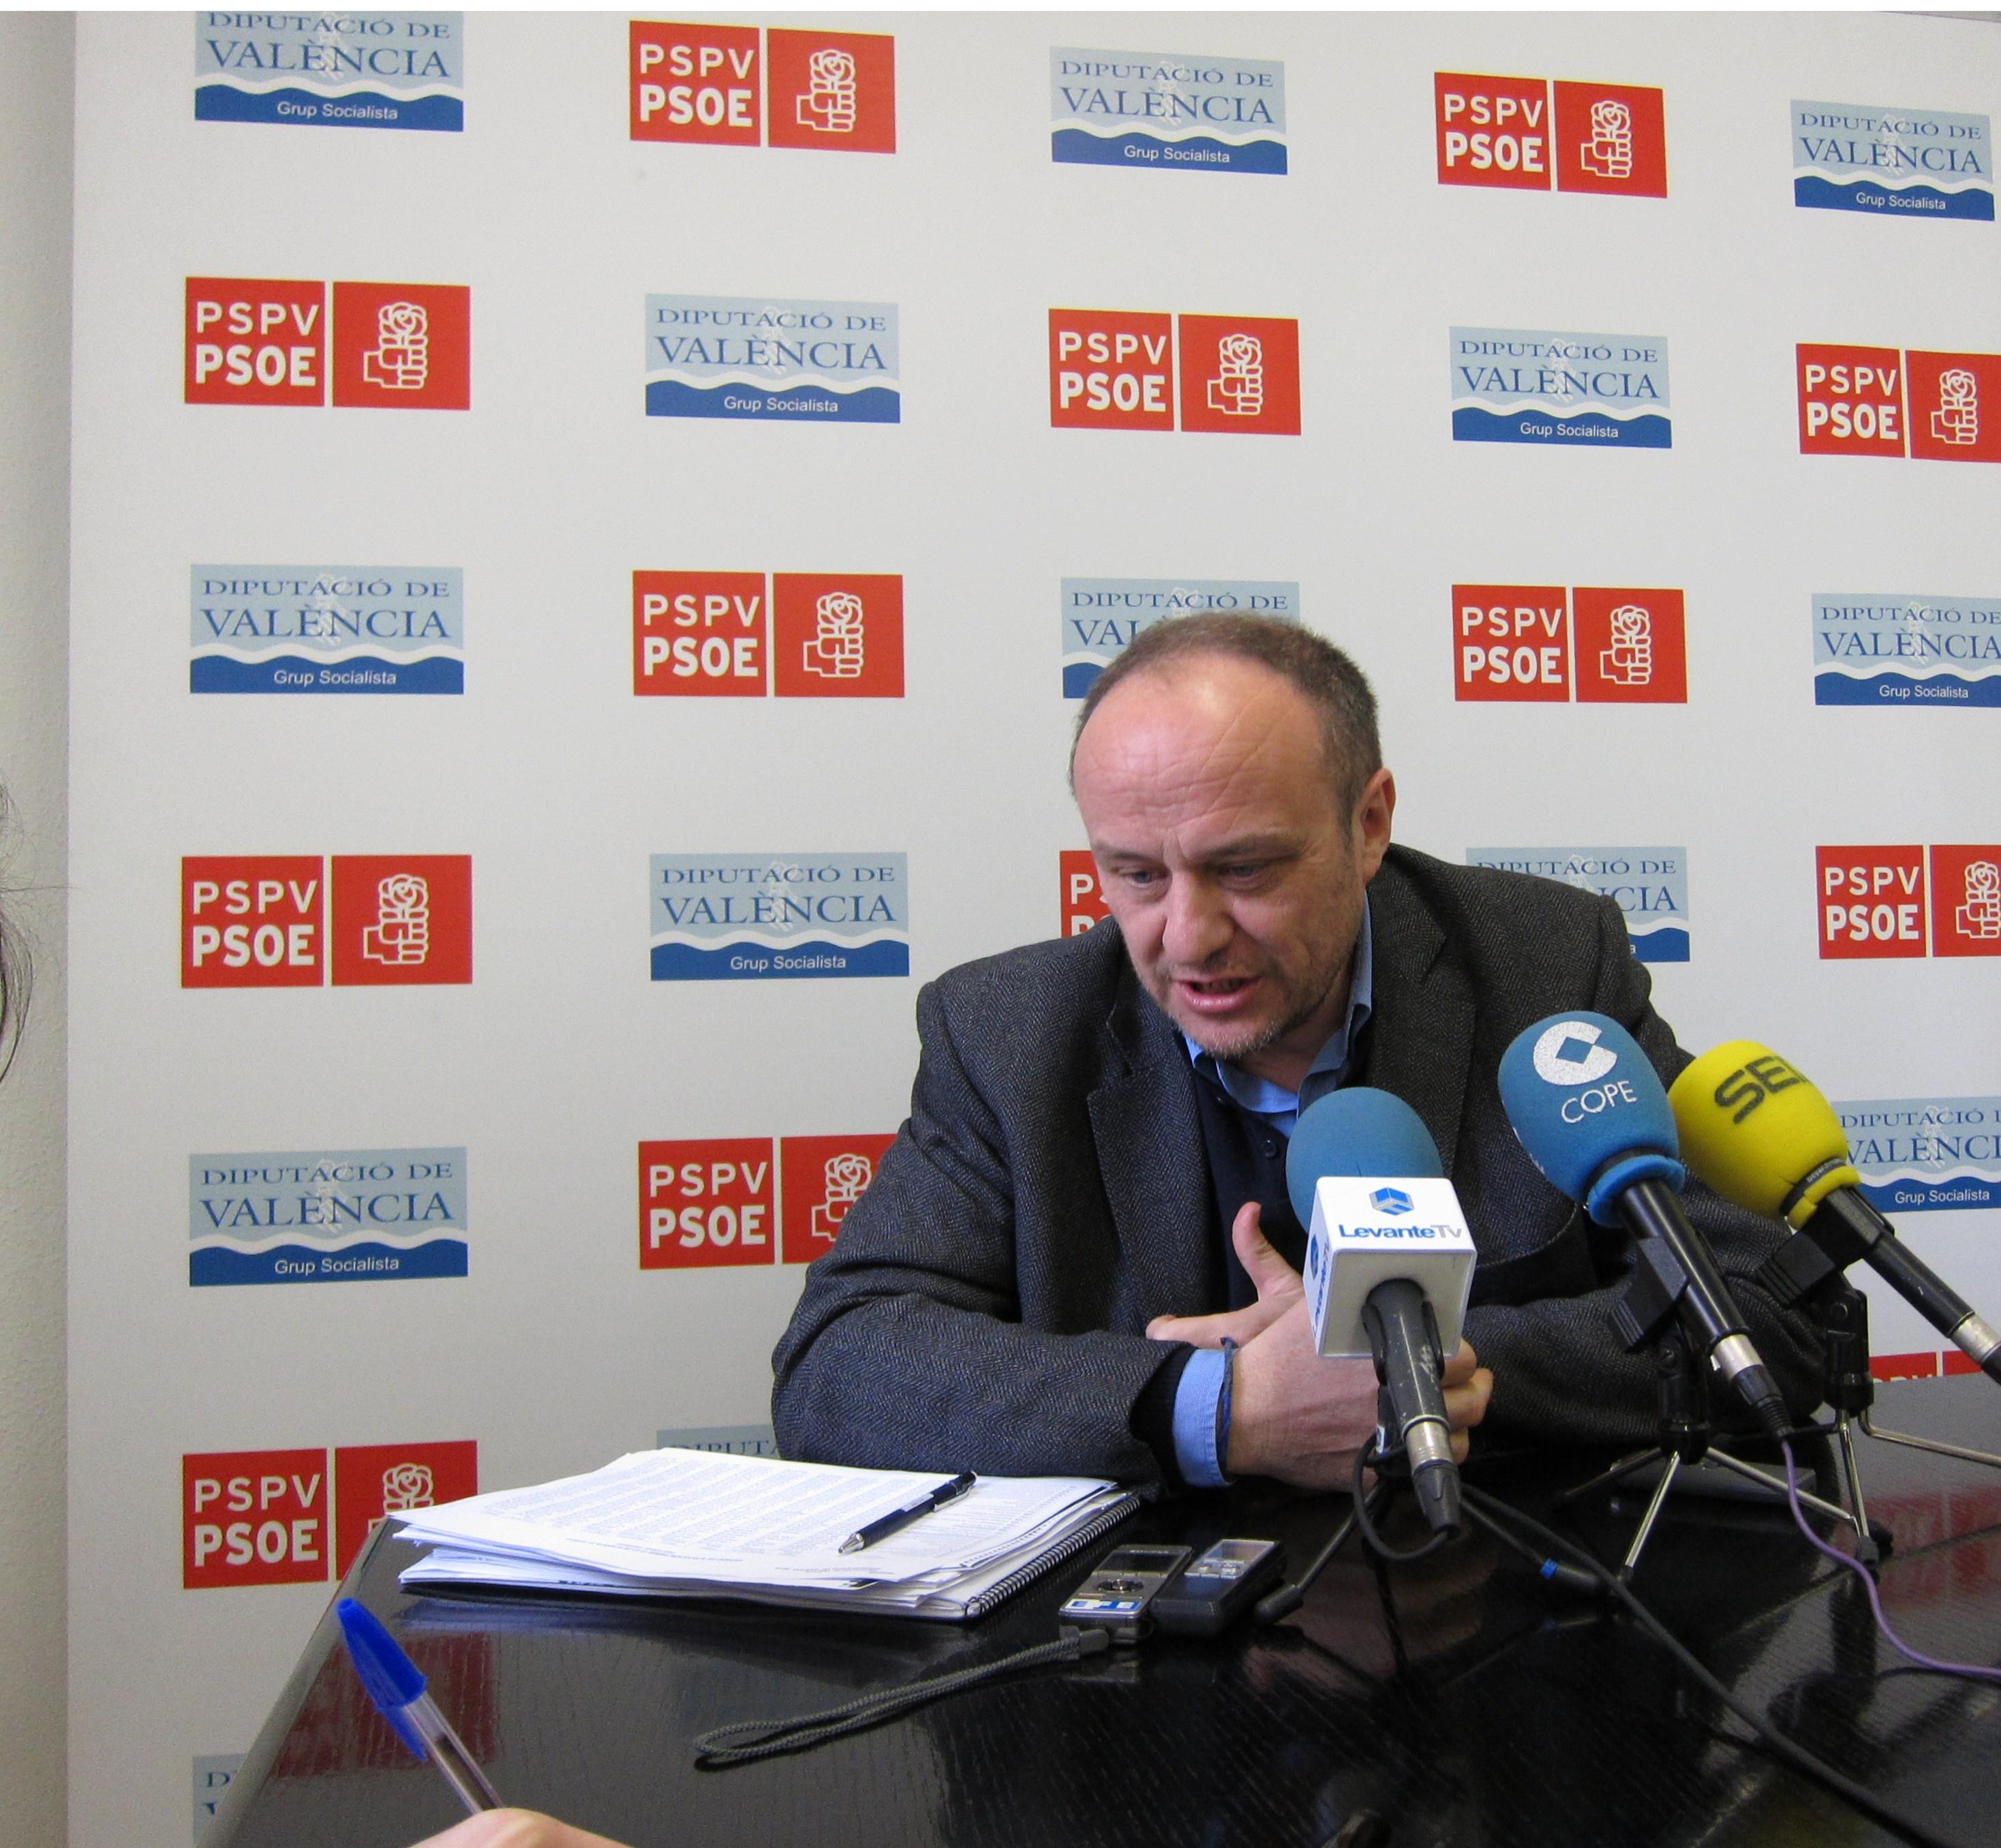 El PSPV tilda de «tomadura de pelo a los valencianos y a los empleados públicos» la bajada de sueldos del Consell